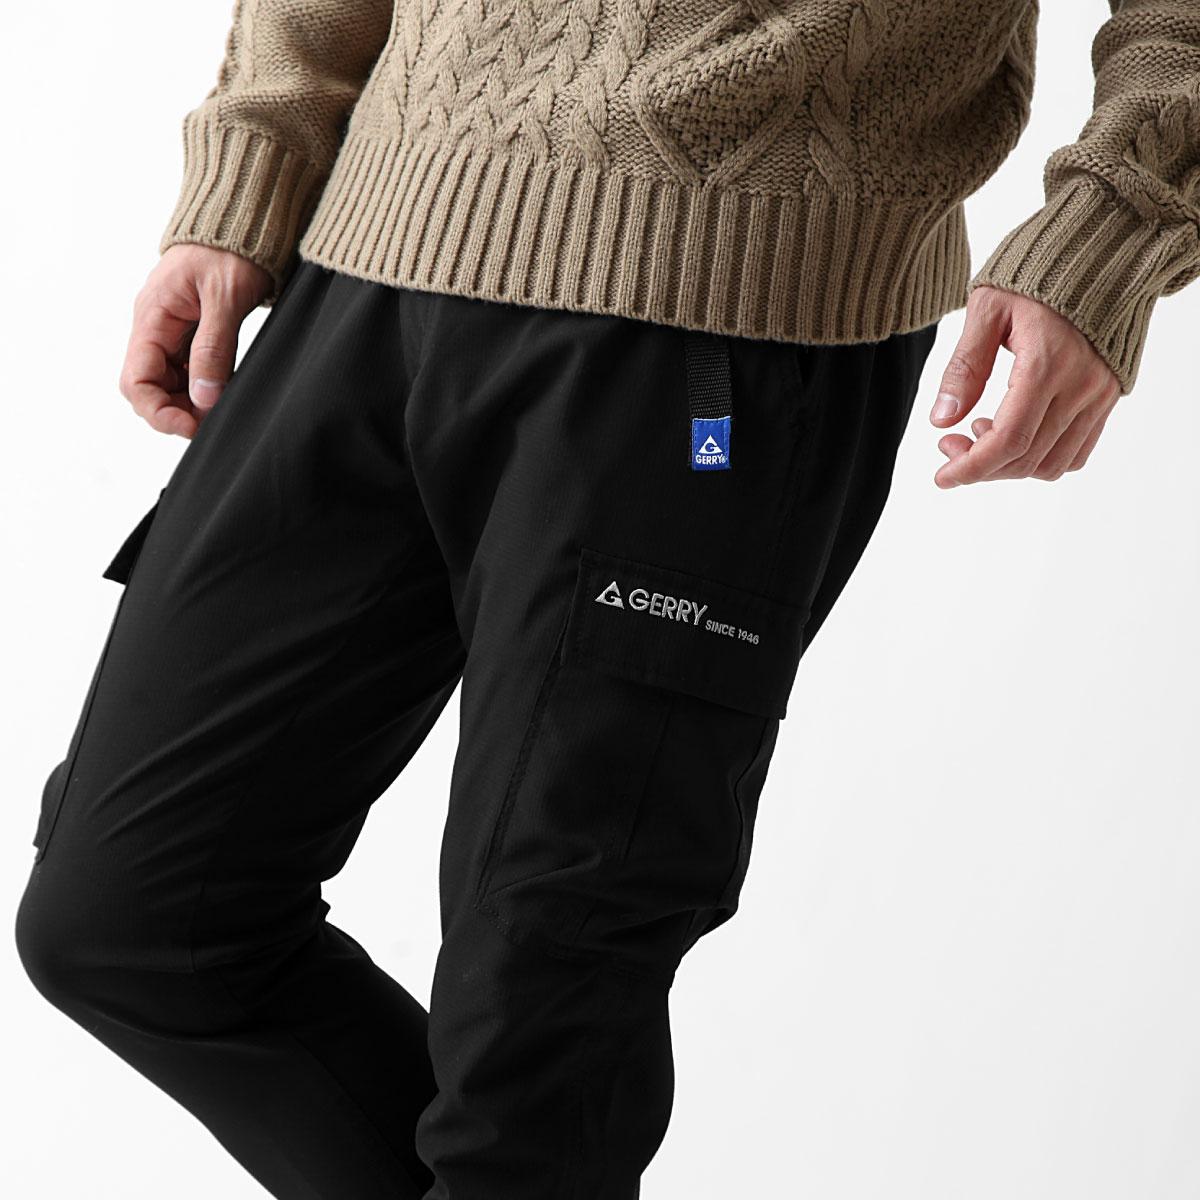 【New】ZIP 工裝長褲 GERRY 7